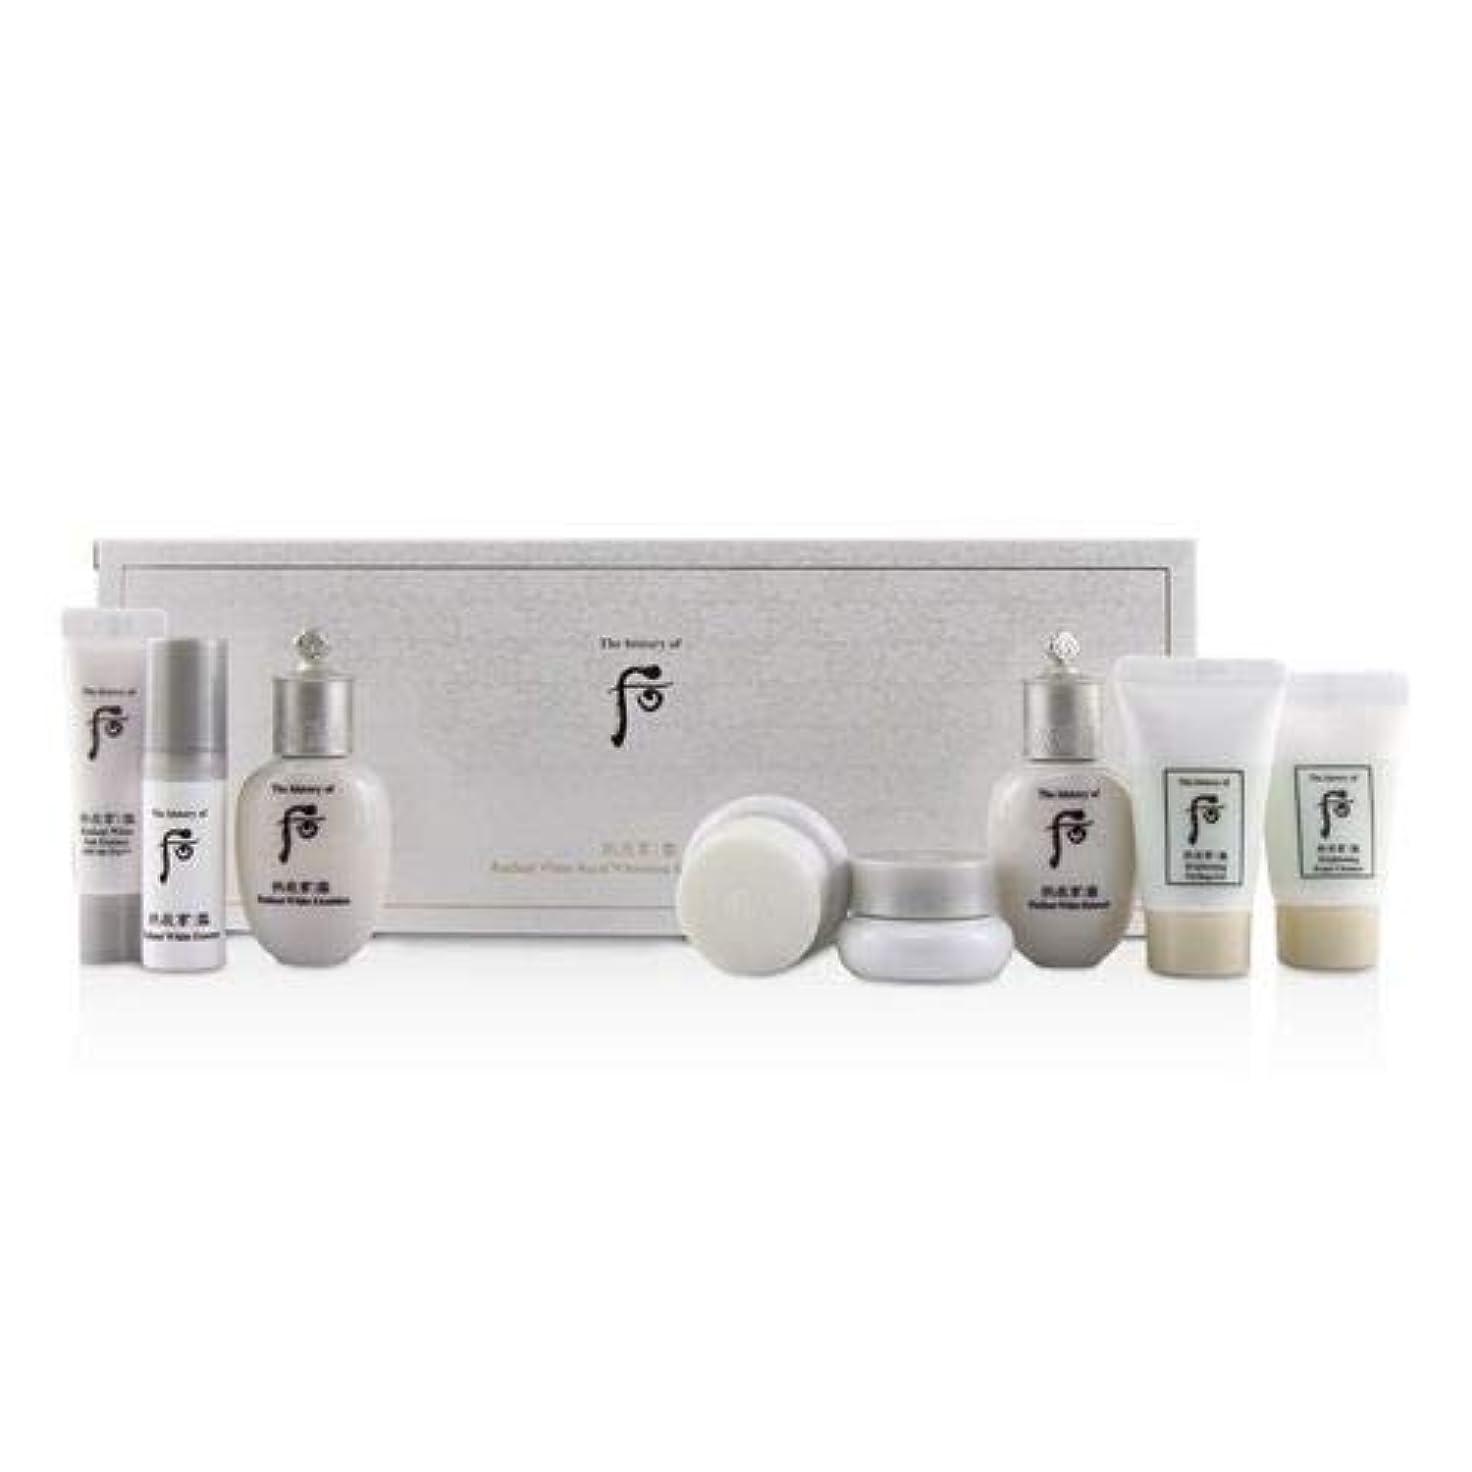 惨めな若者ライフル后 (The History Of 后) Gongjinhyang Seol Radiant Whitening 8 pcs Gift Set: Balancer 20ml + Emulsion 20ml + Essence...